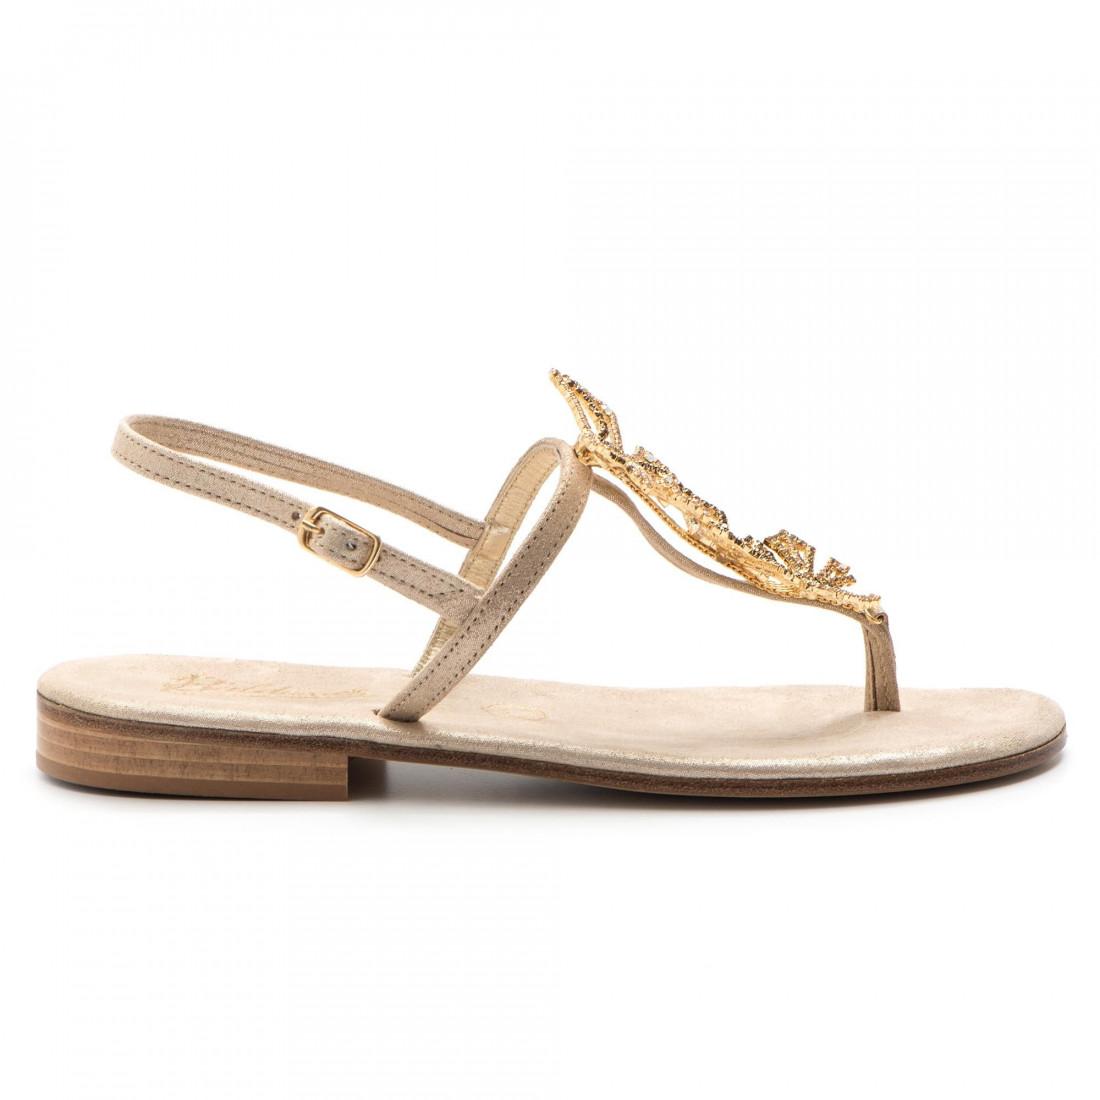 sandali donna balduccelli k67burma platino 3285